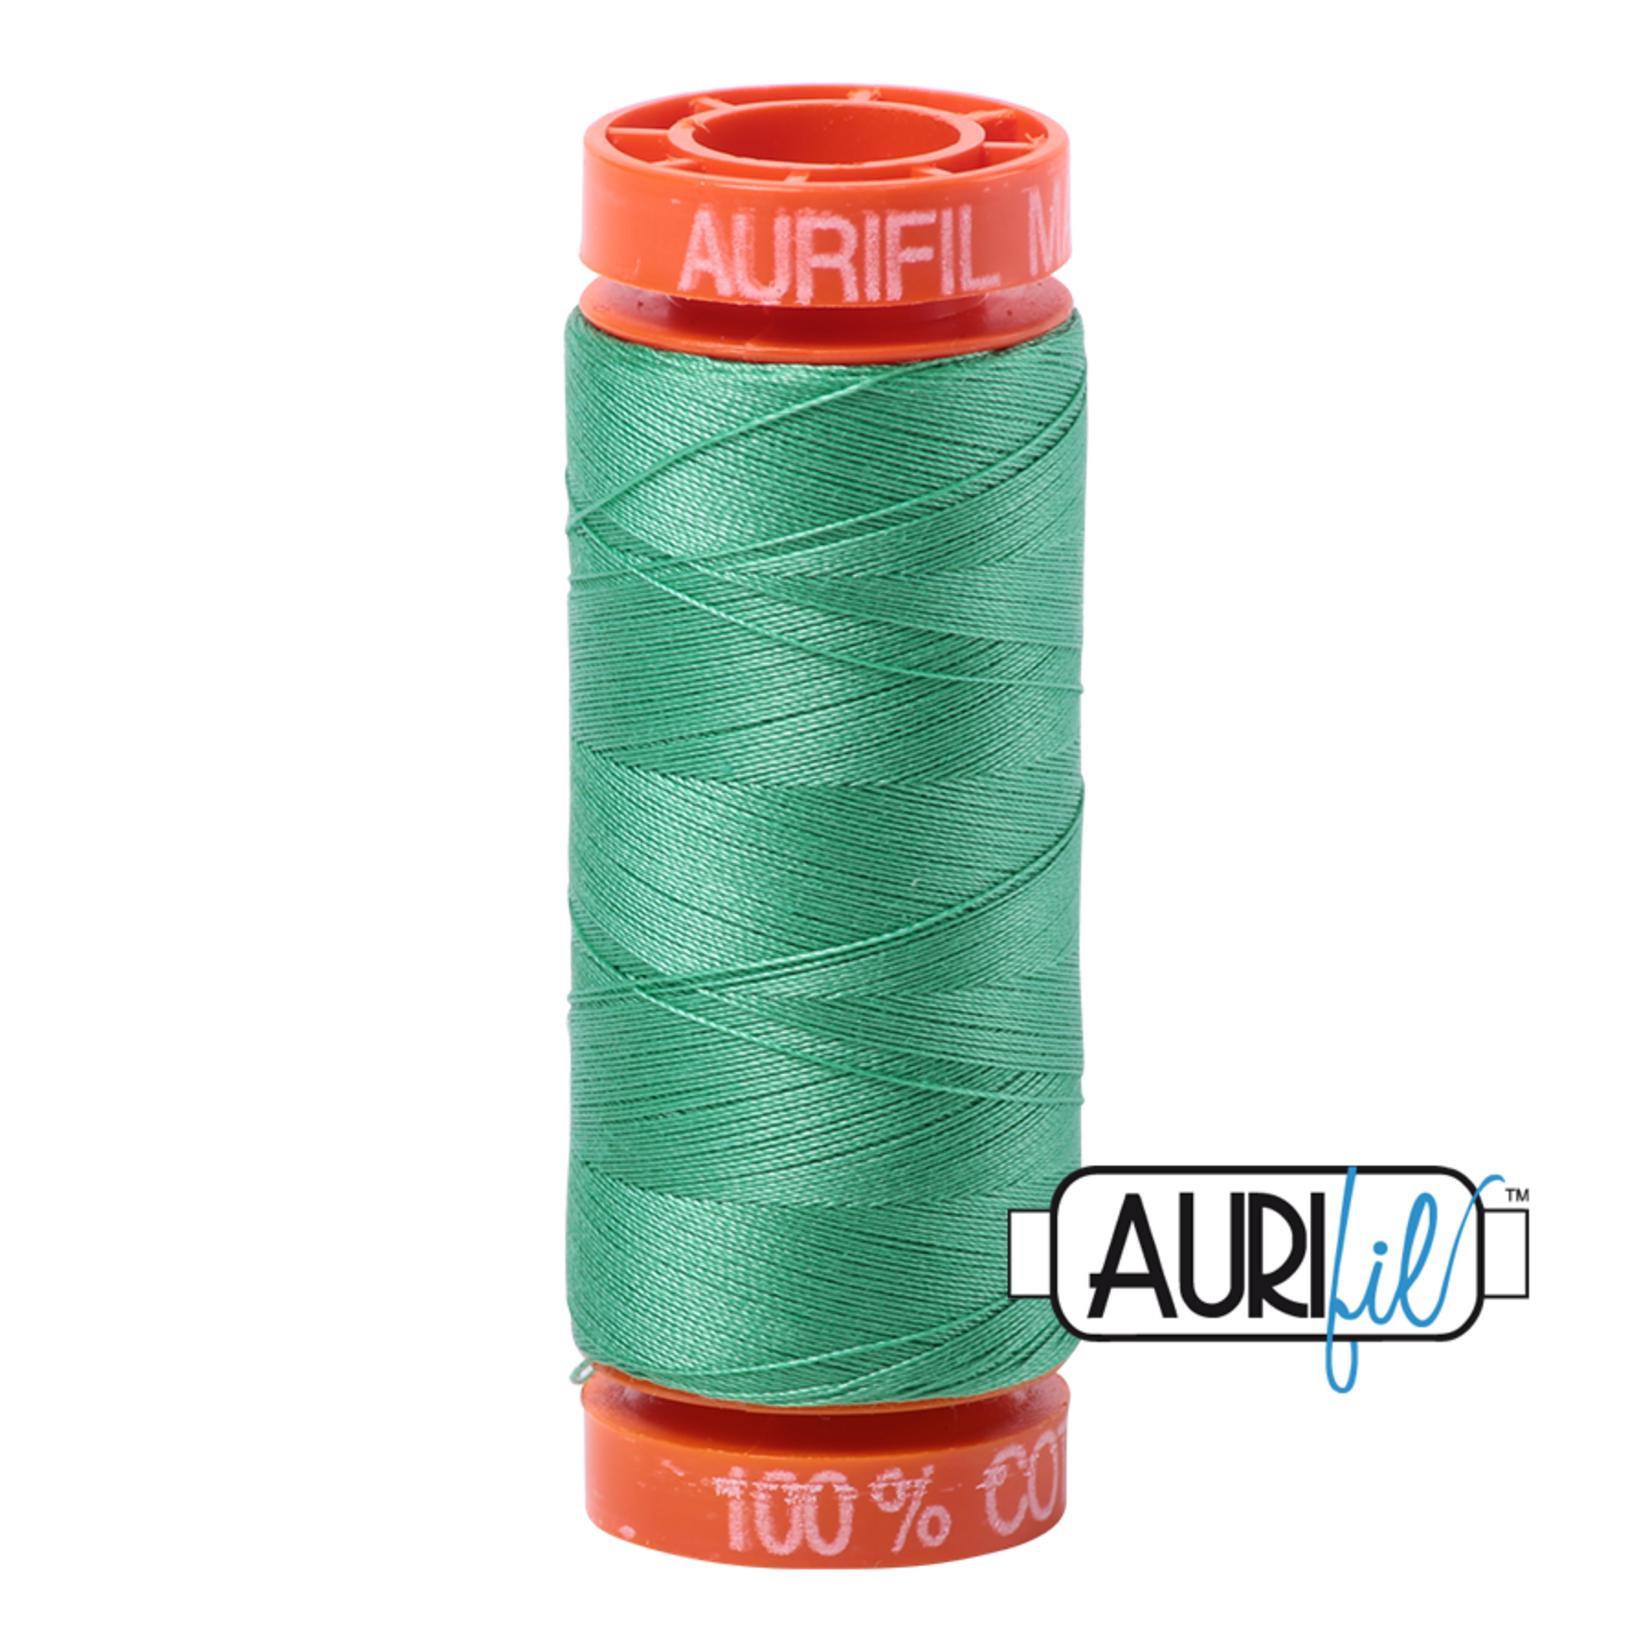 AURIFIL AURIFIL 50 WT Light Emerald 2860 Small Spool